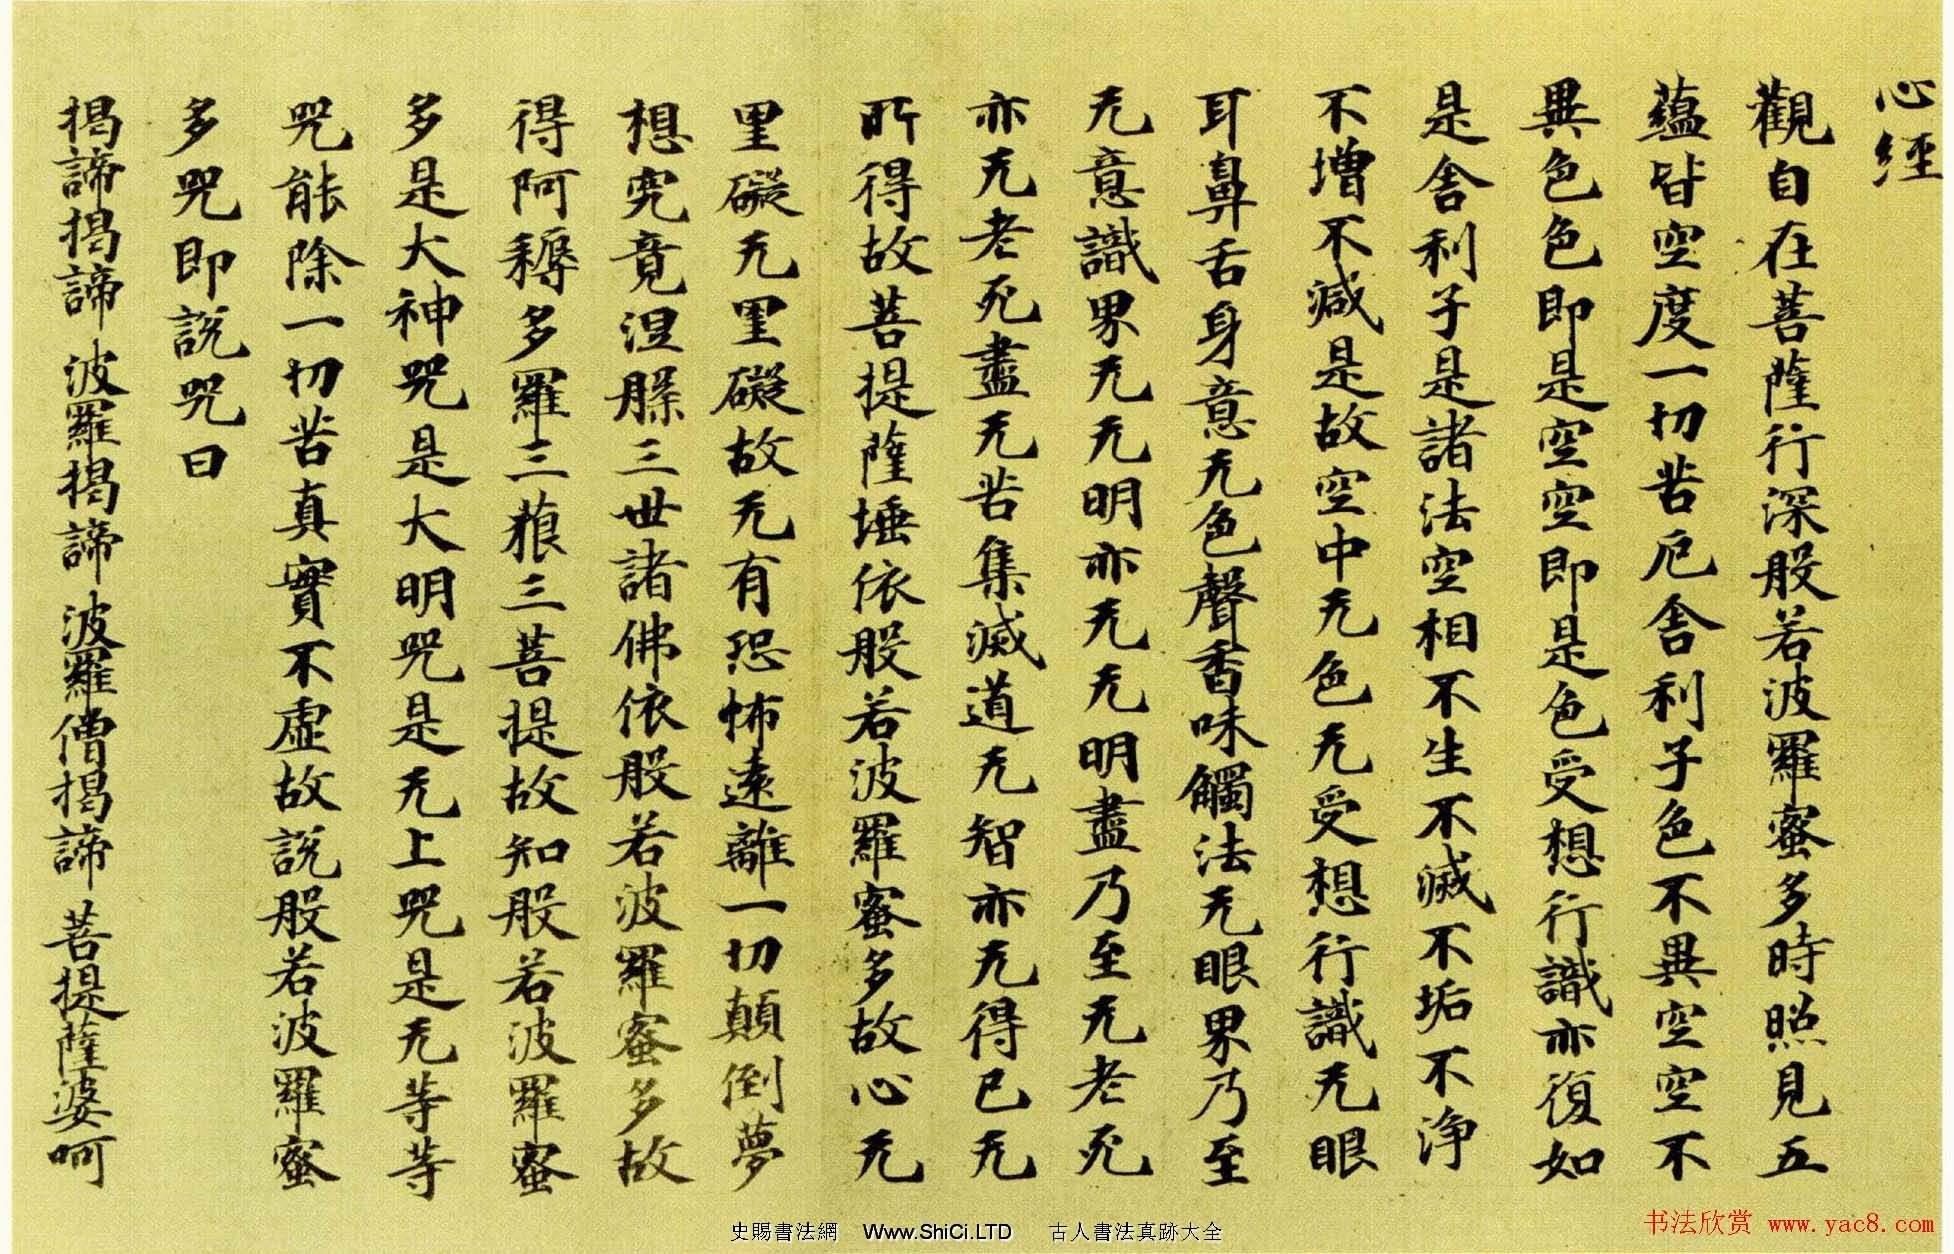 日本書法真跡欣賞古代手抄心經三種(共3張圖片)